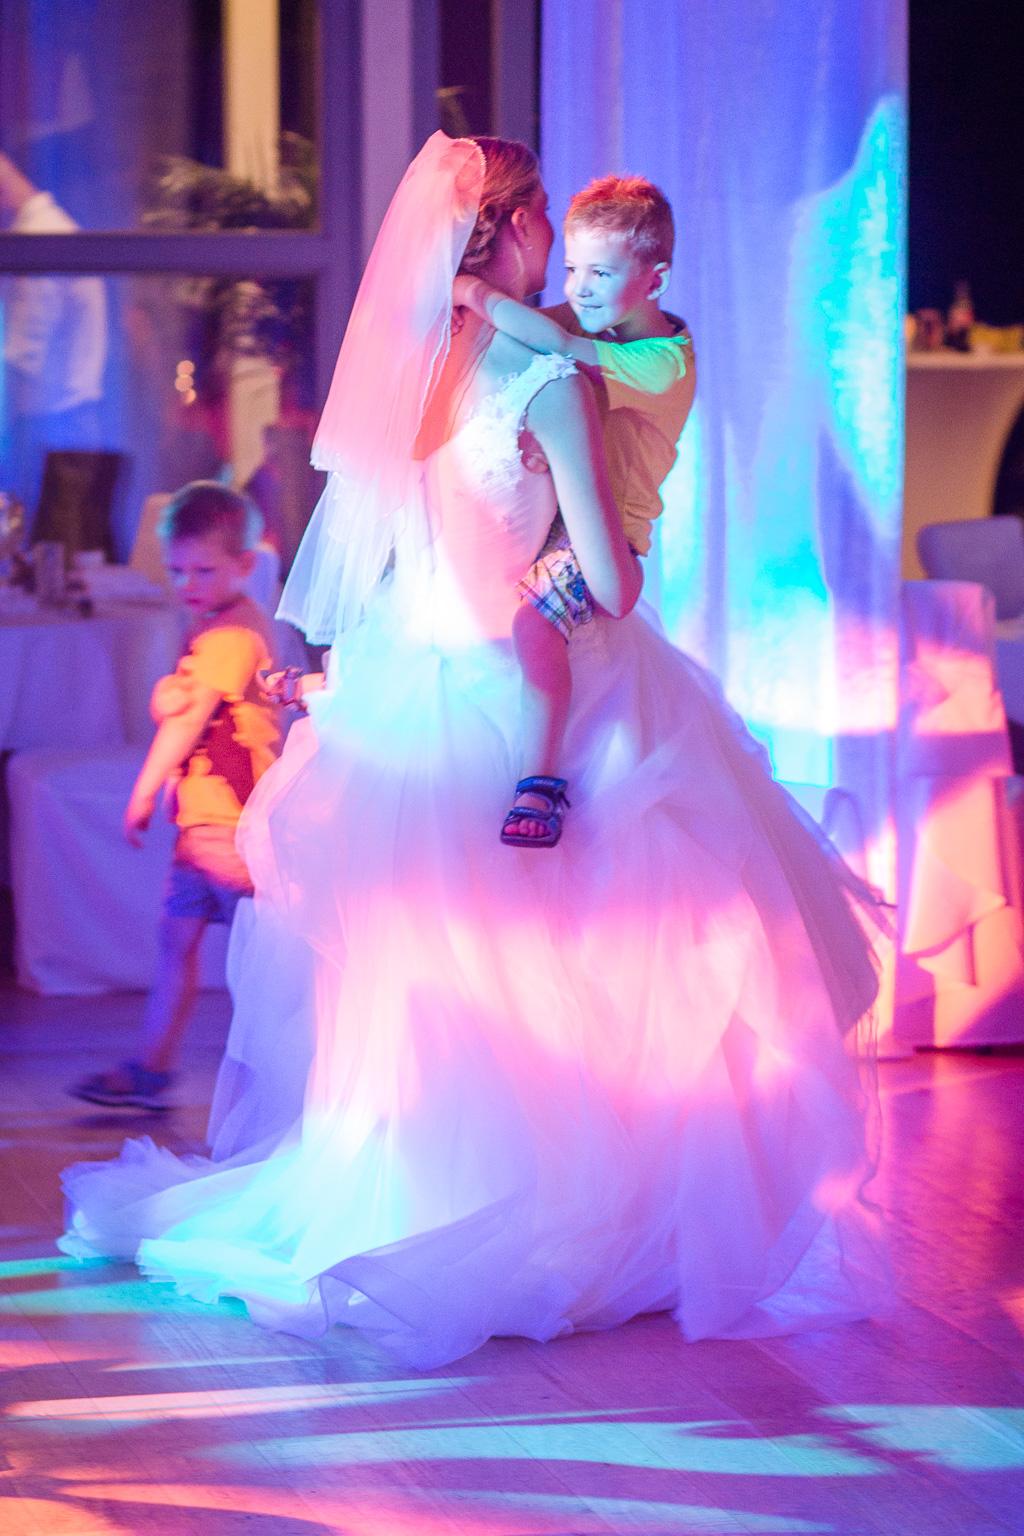 Hochzeit_068.jpg